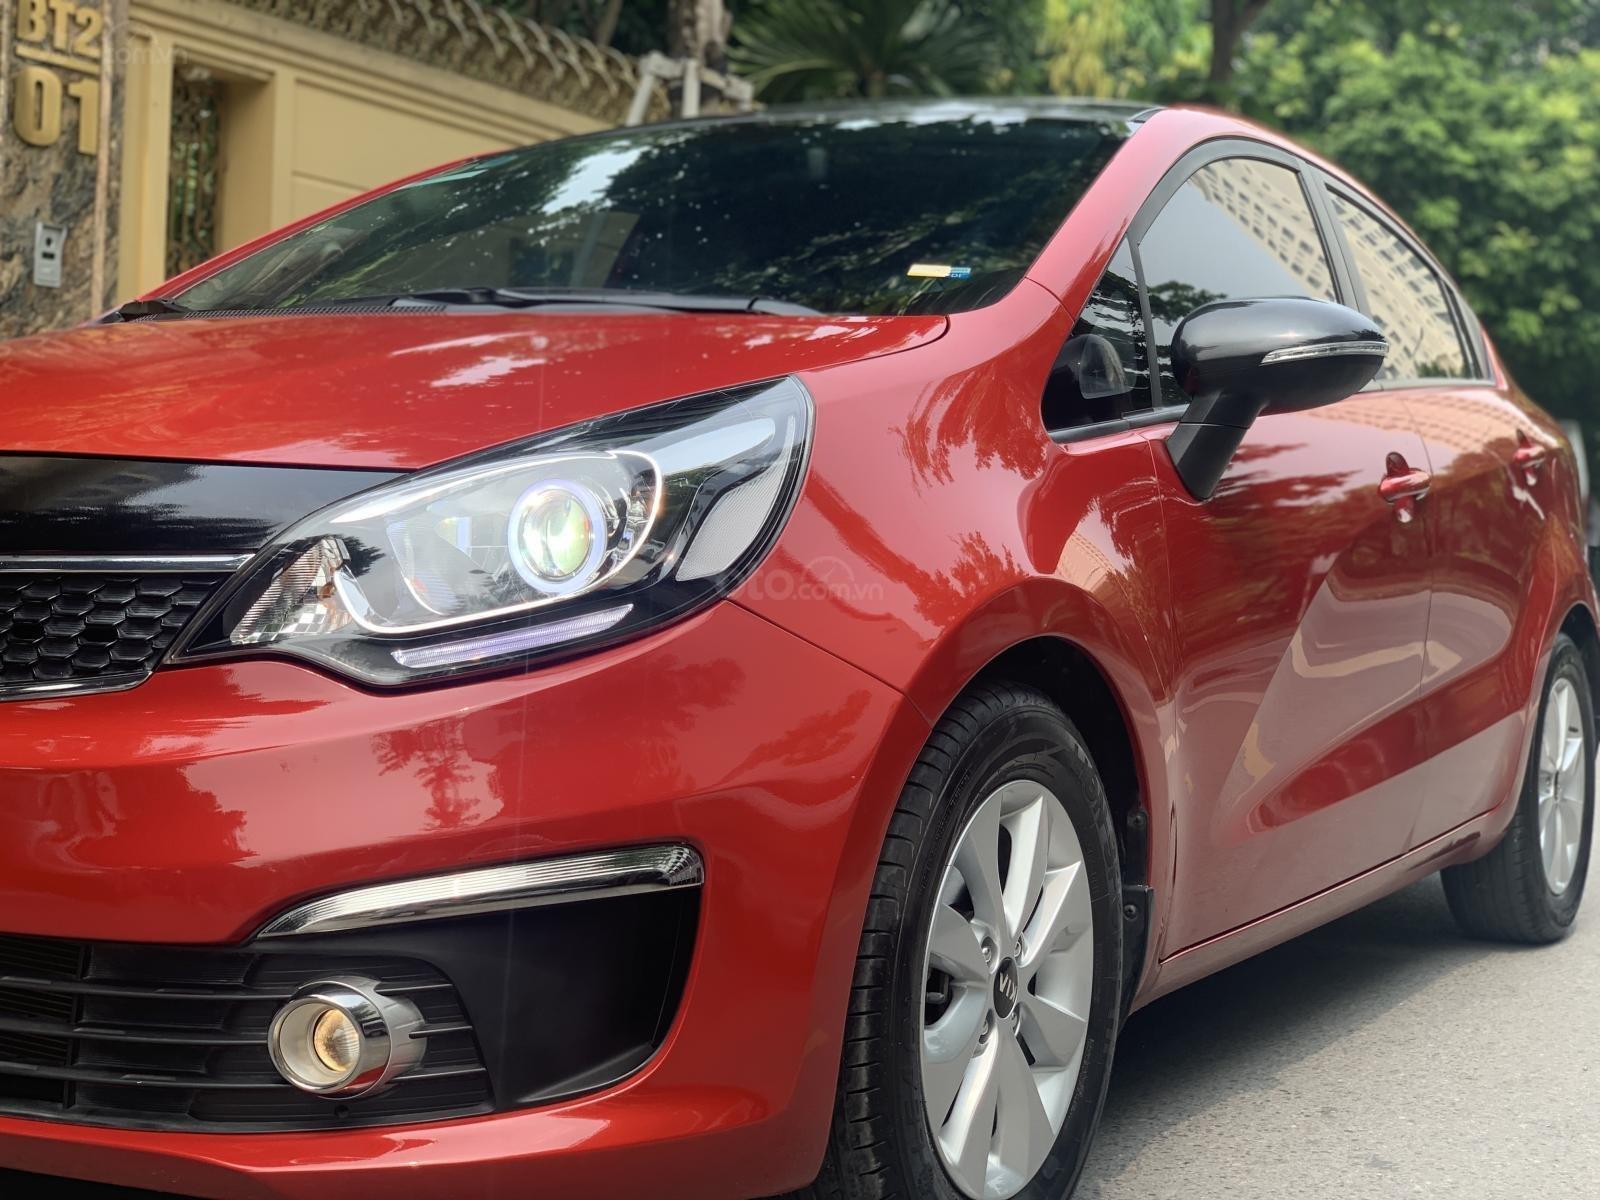 Bán ô tô Kia Rio năm sản xuất 2015, giá 390tr (2)